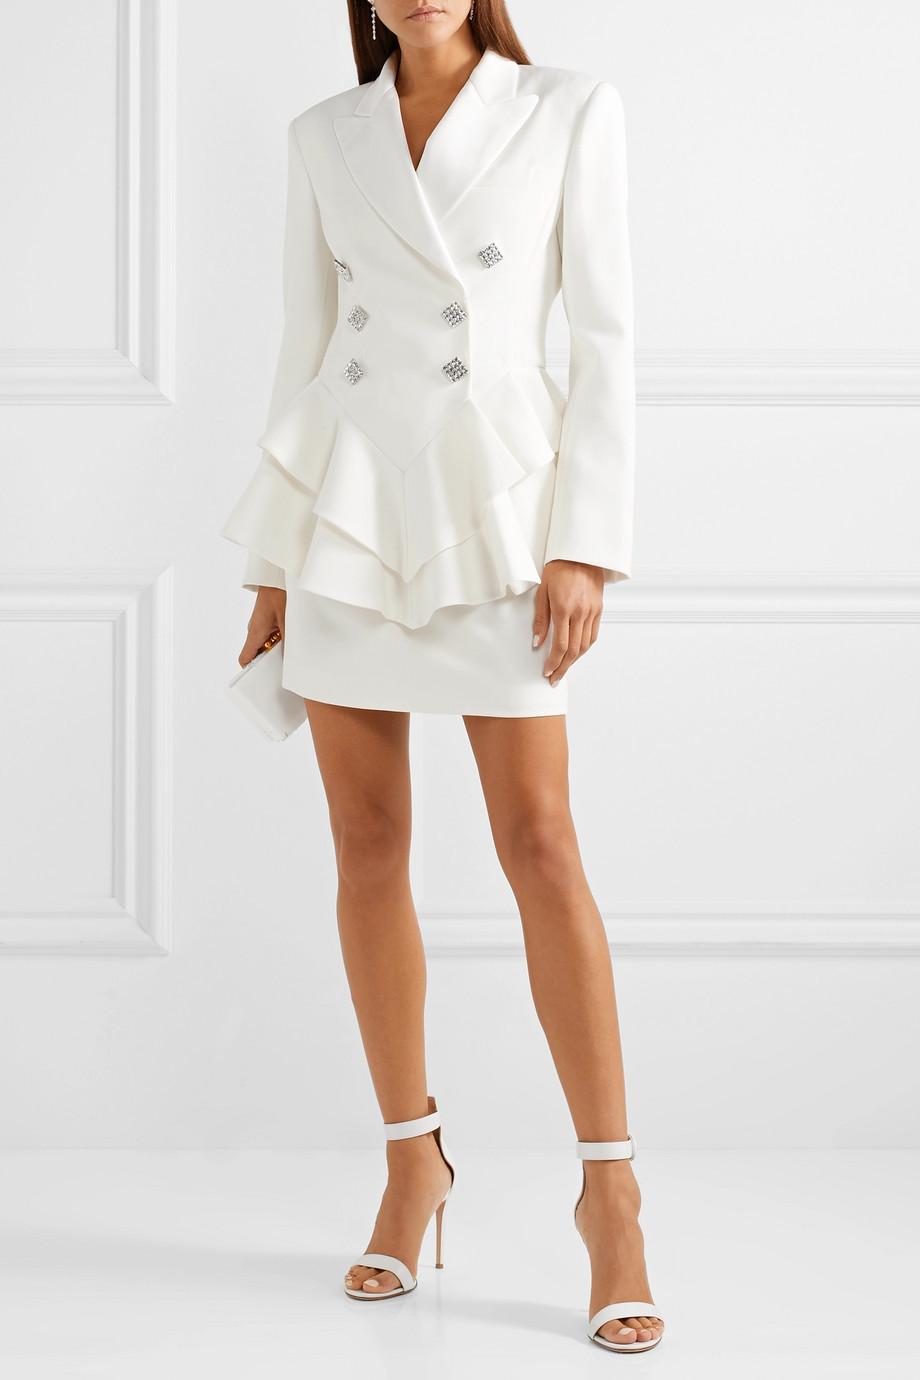 Chaqueta con volantes y falda mini, de Alessandra Rich.